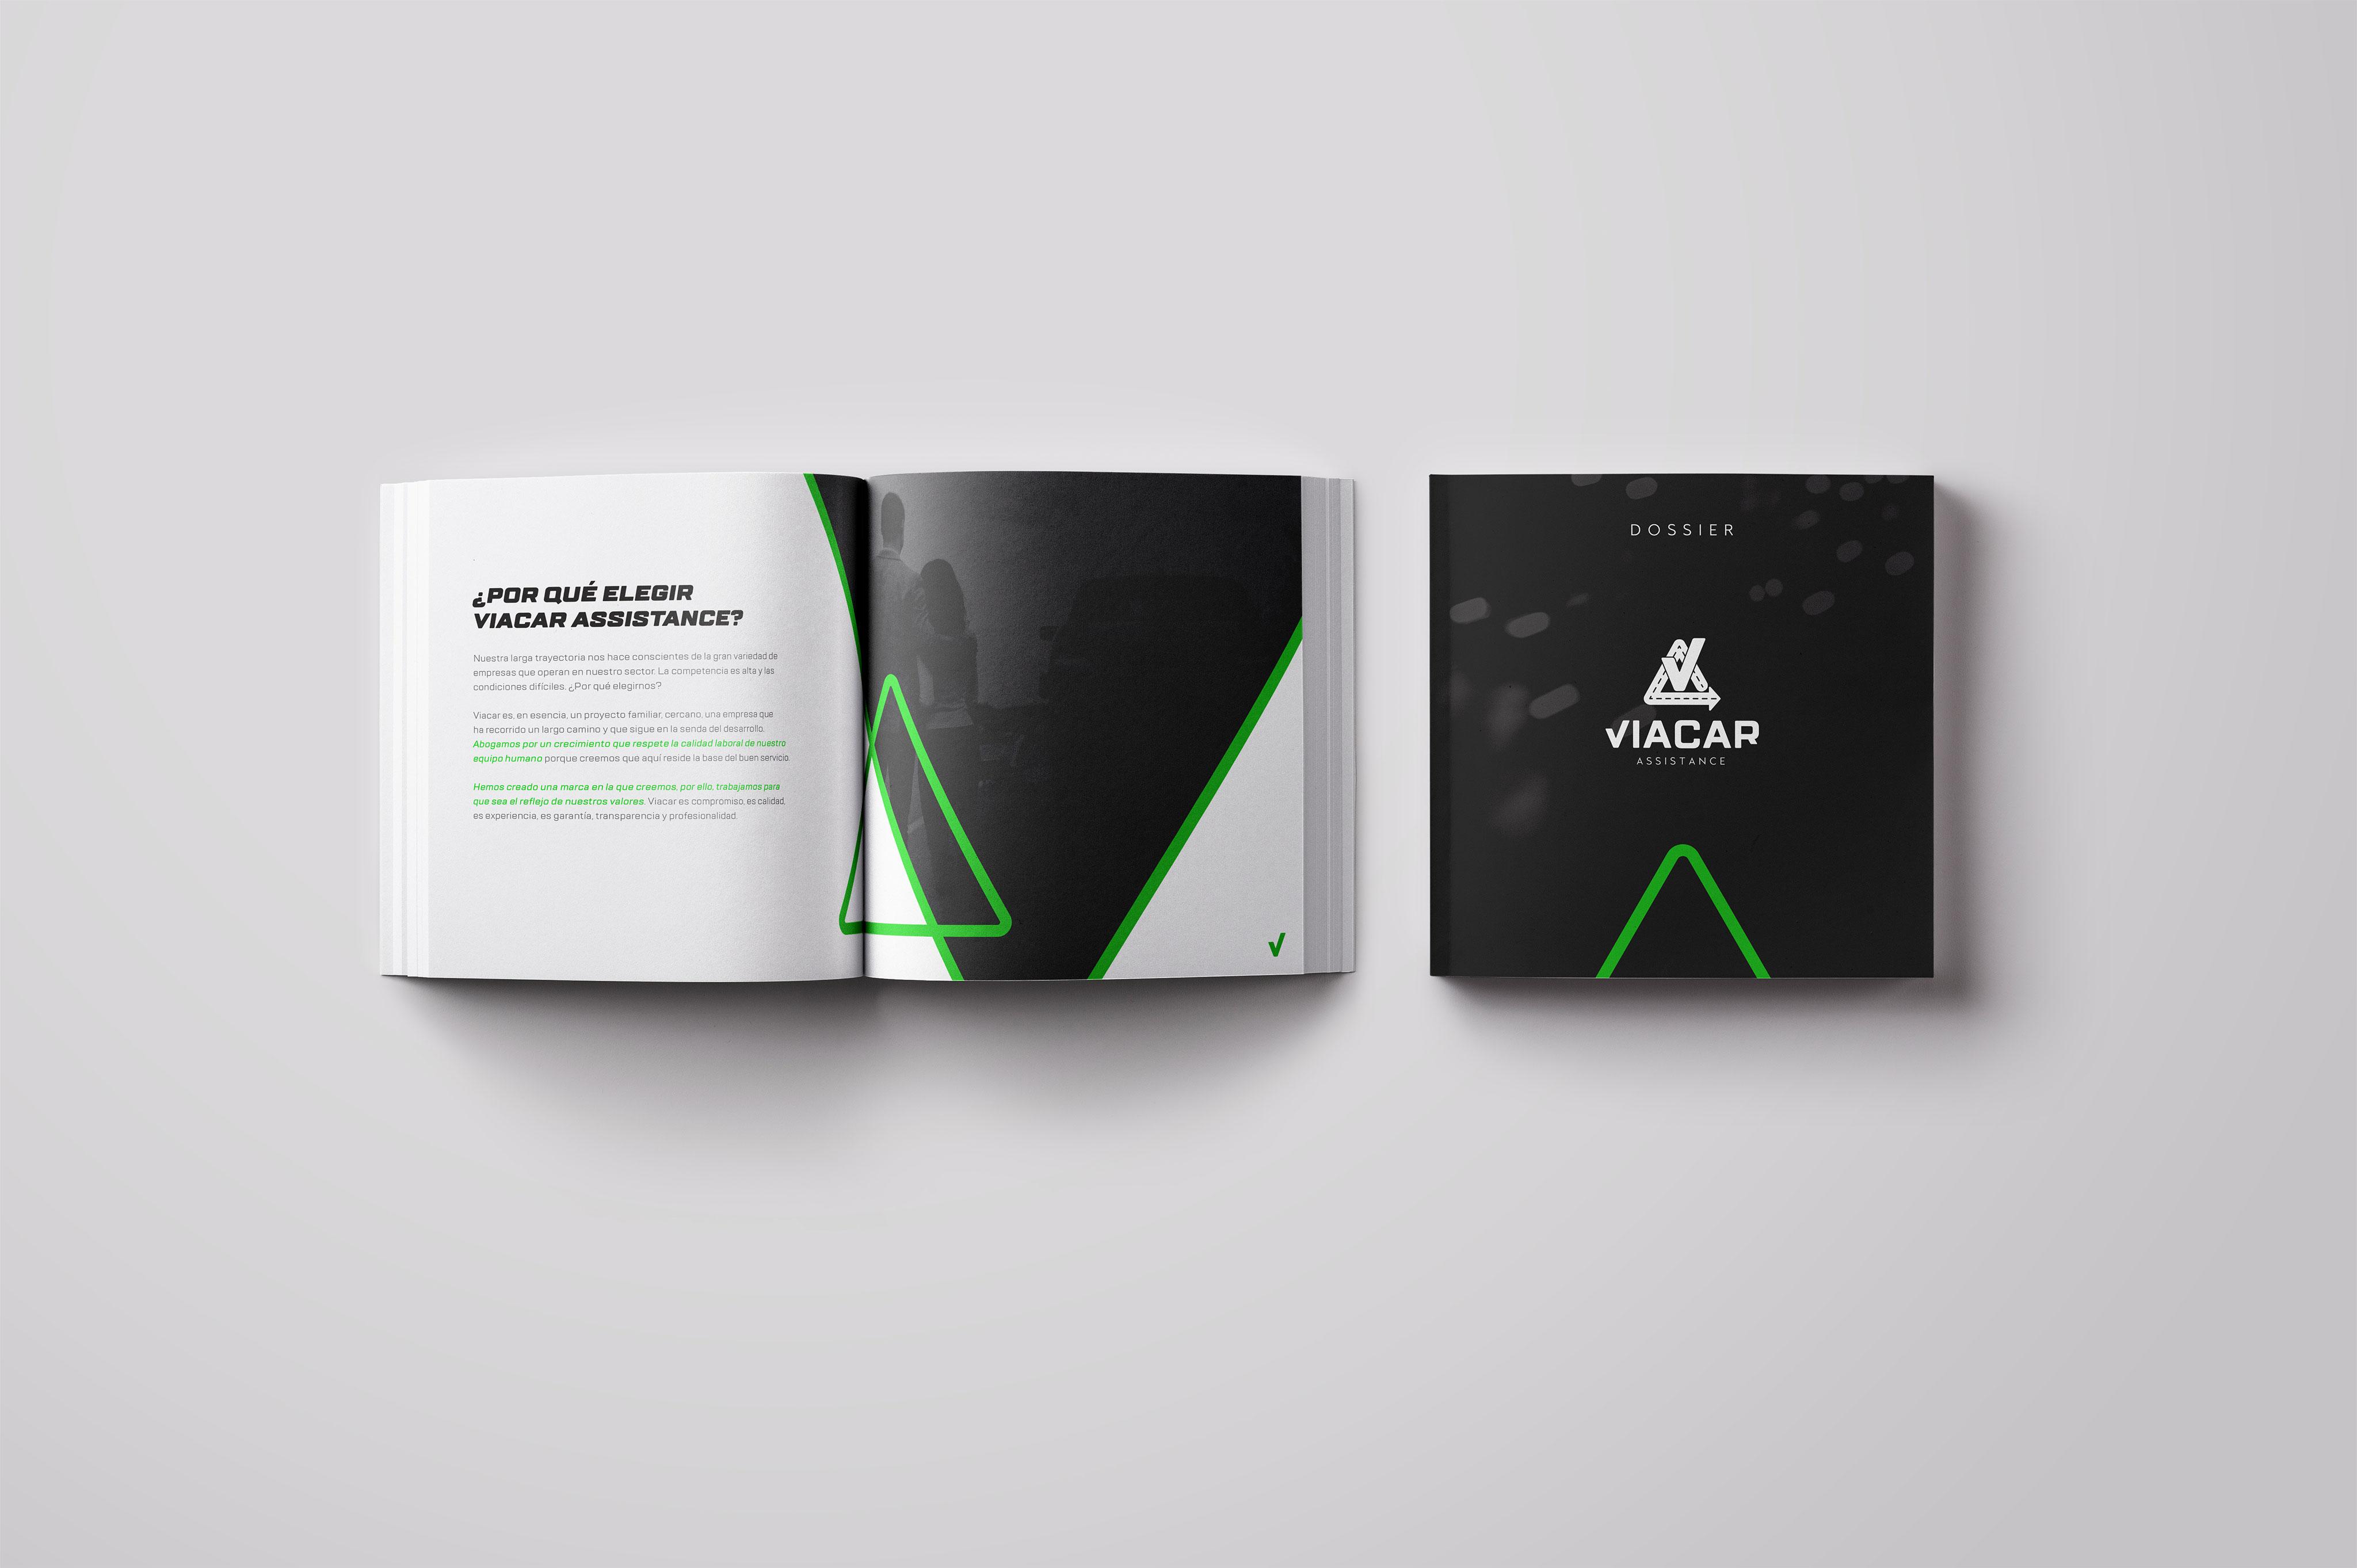 diseño-dossier-viacar